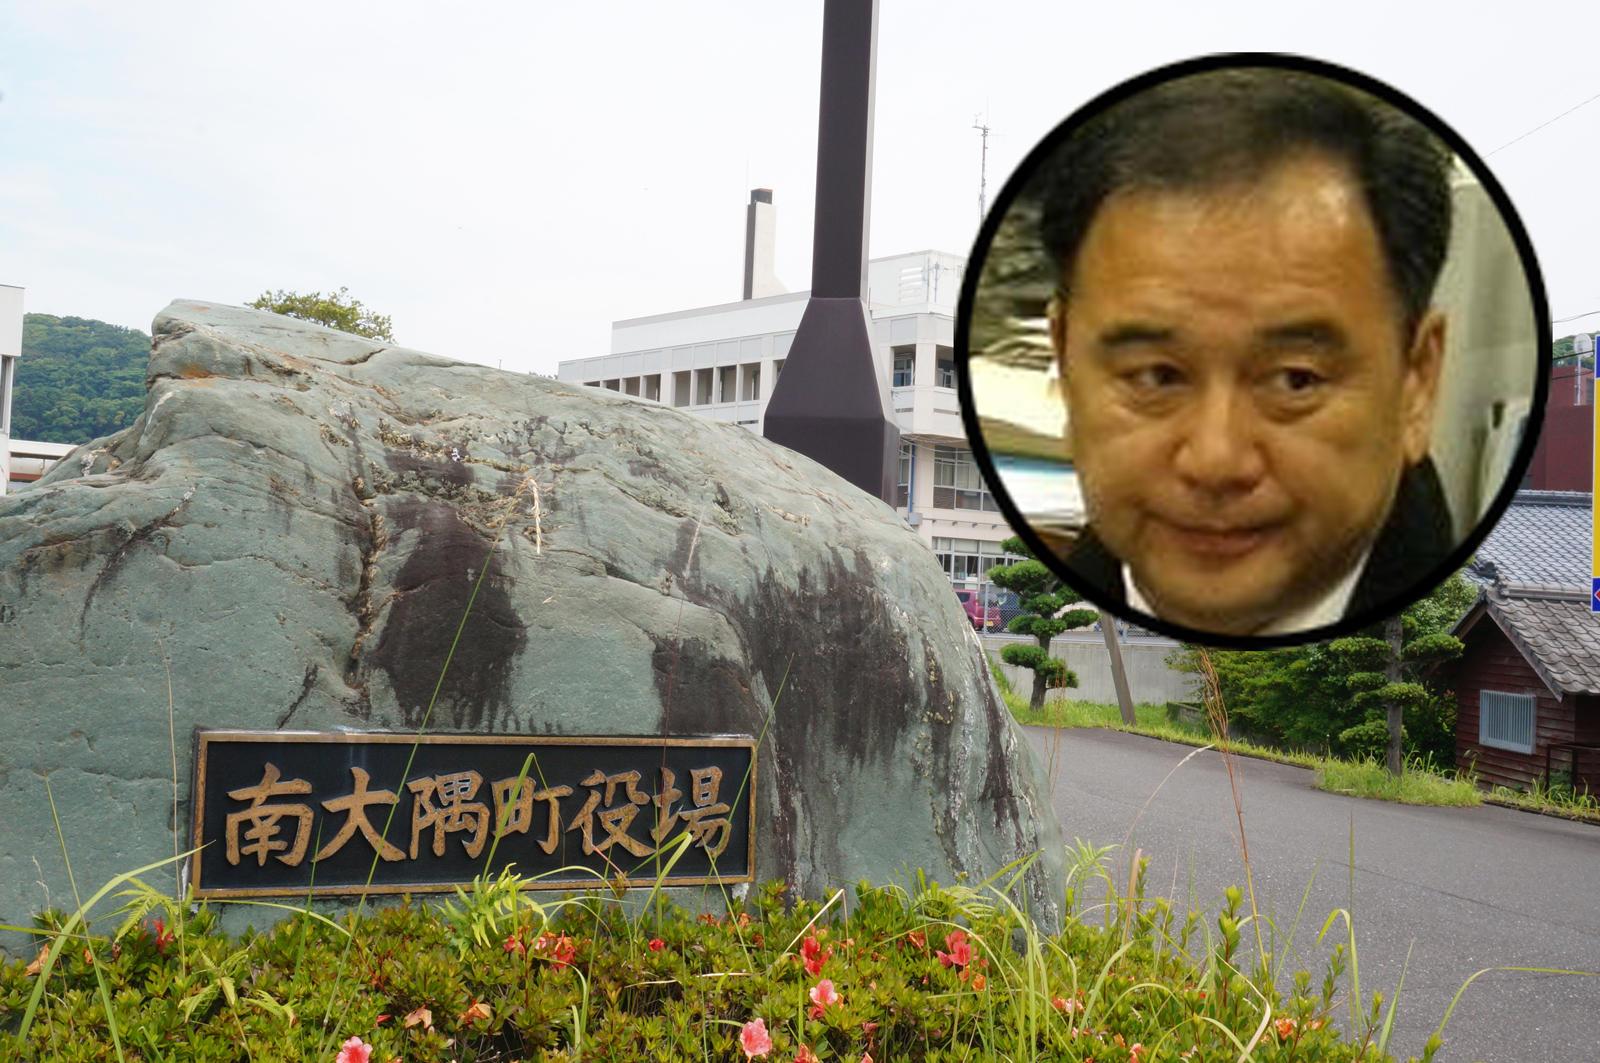 http://hunter-investigate.jp/news/8fa04d3c94488dd9bc777483787c34ac3d52647f.jpg